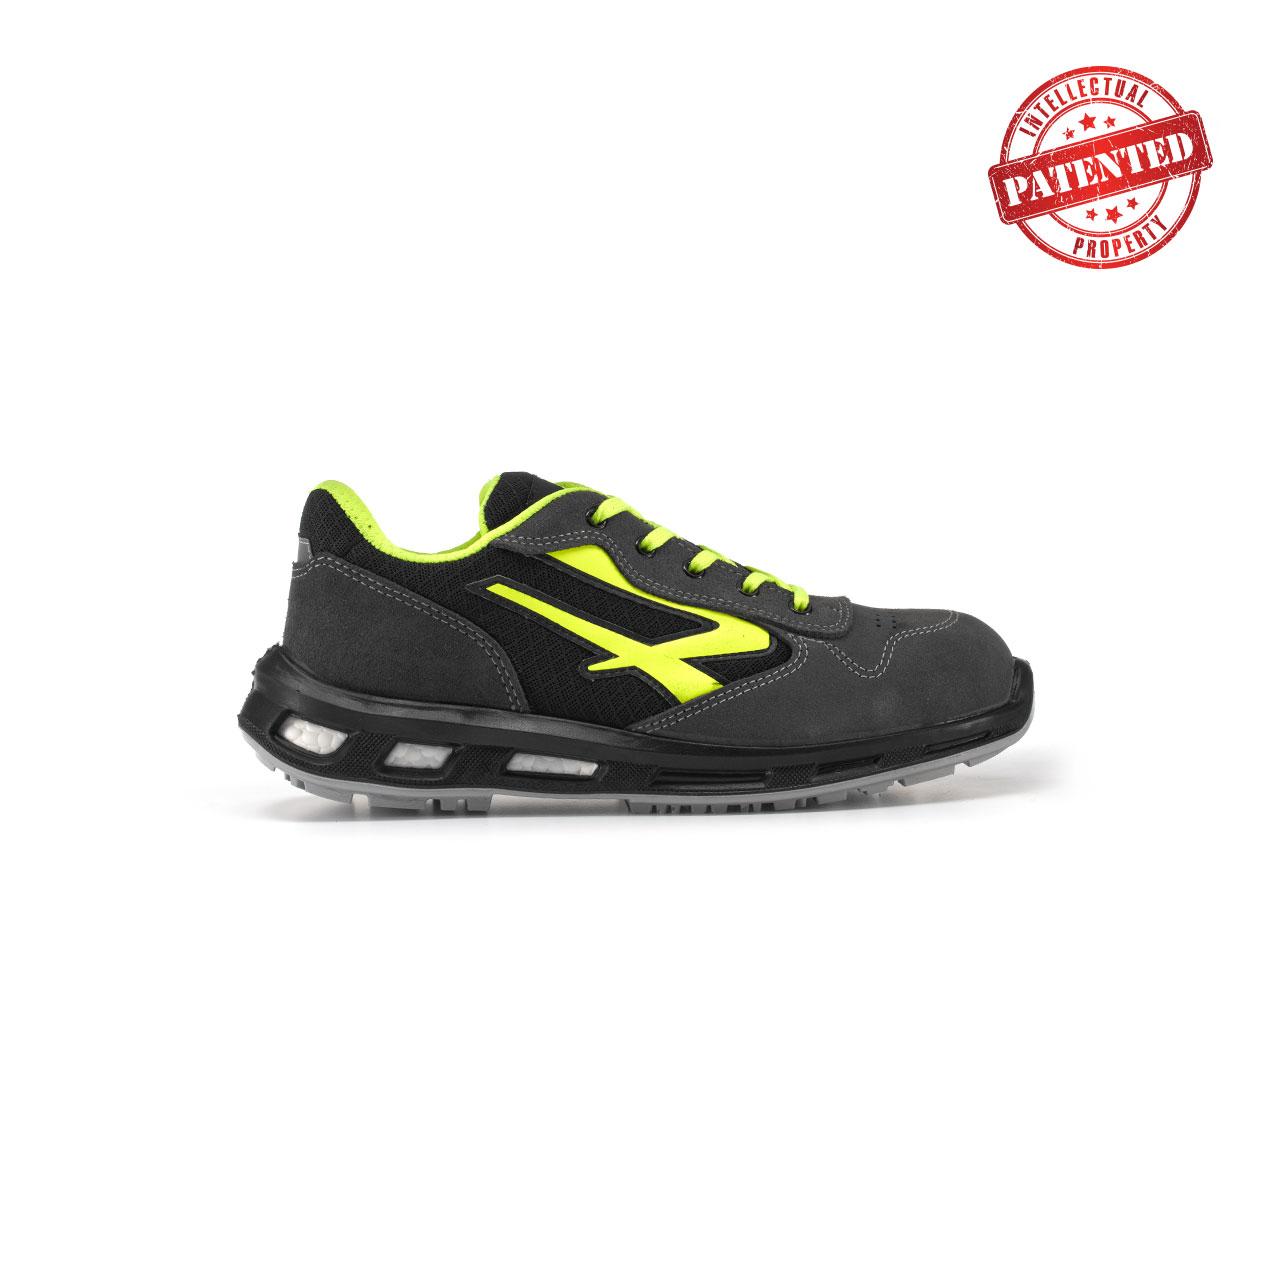 calzatura da lavoro upower modello yellow linea redlion vista lato destro